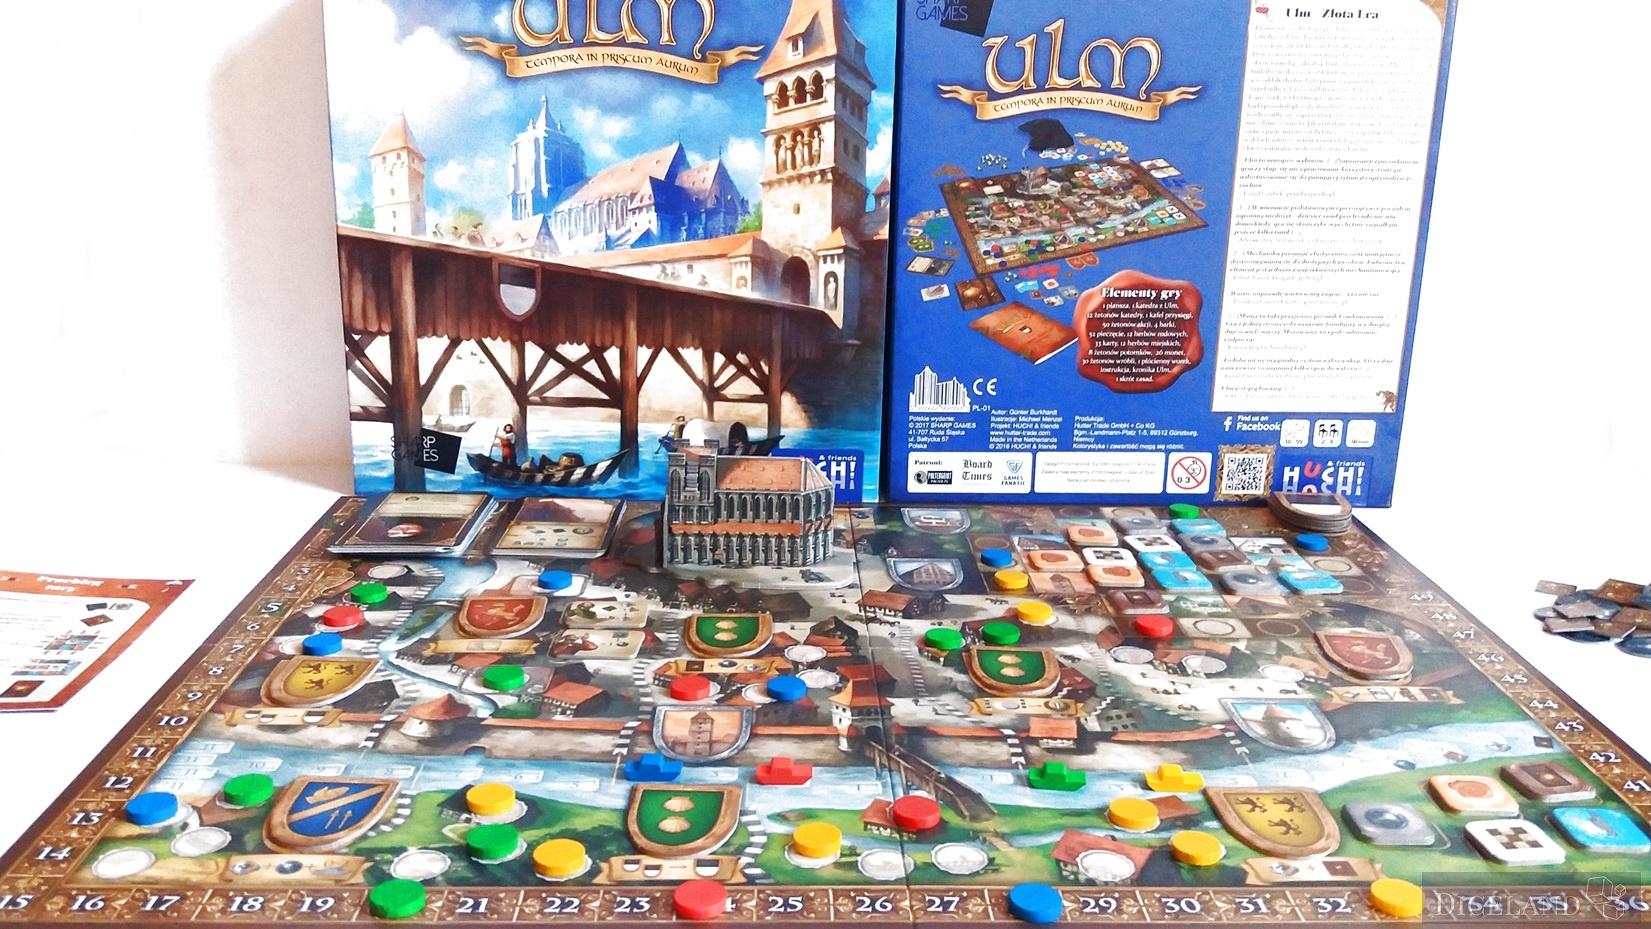 Ulm 44 Recenzja #12 Ulm: Tempora in Priscum Aurum